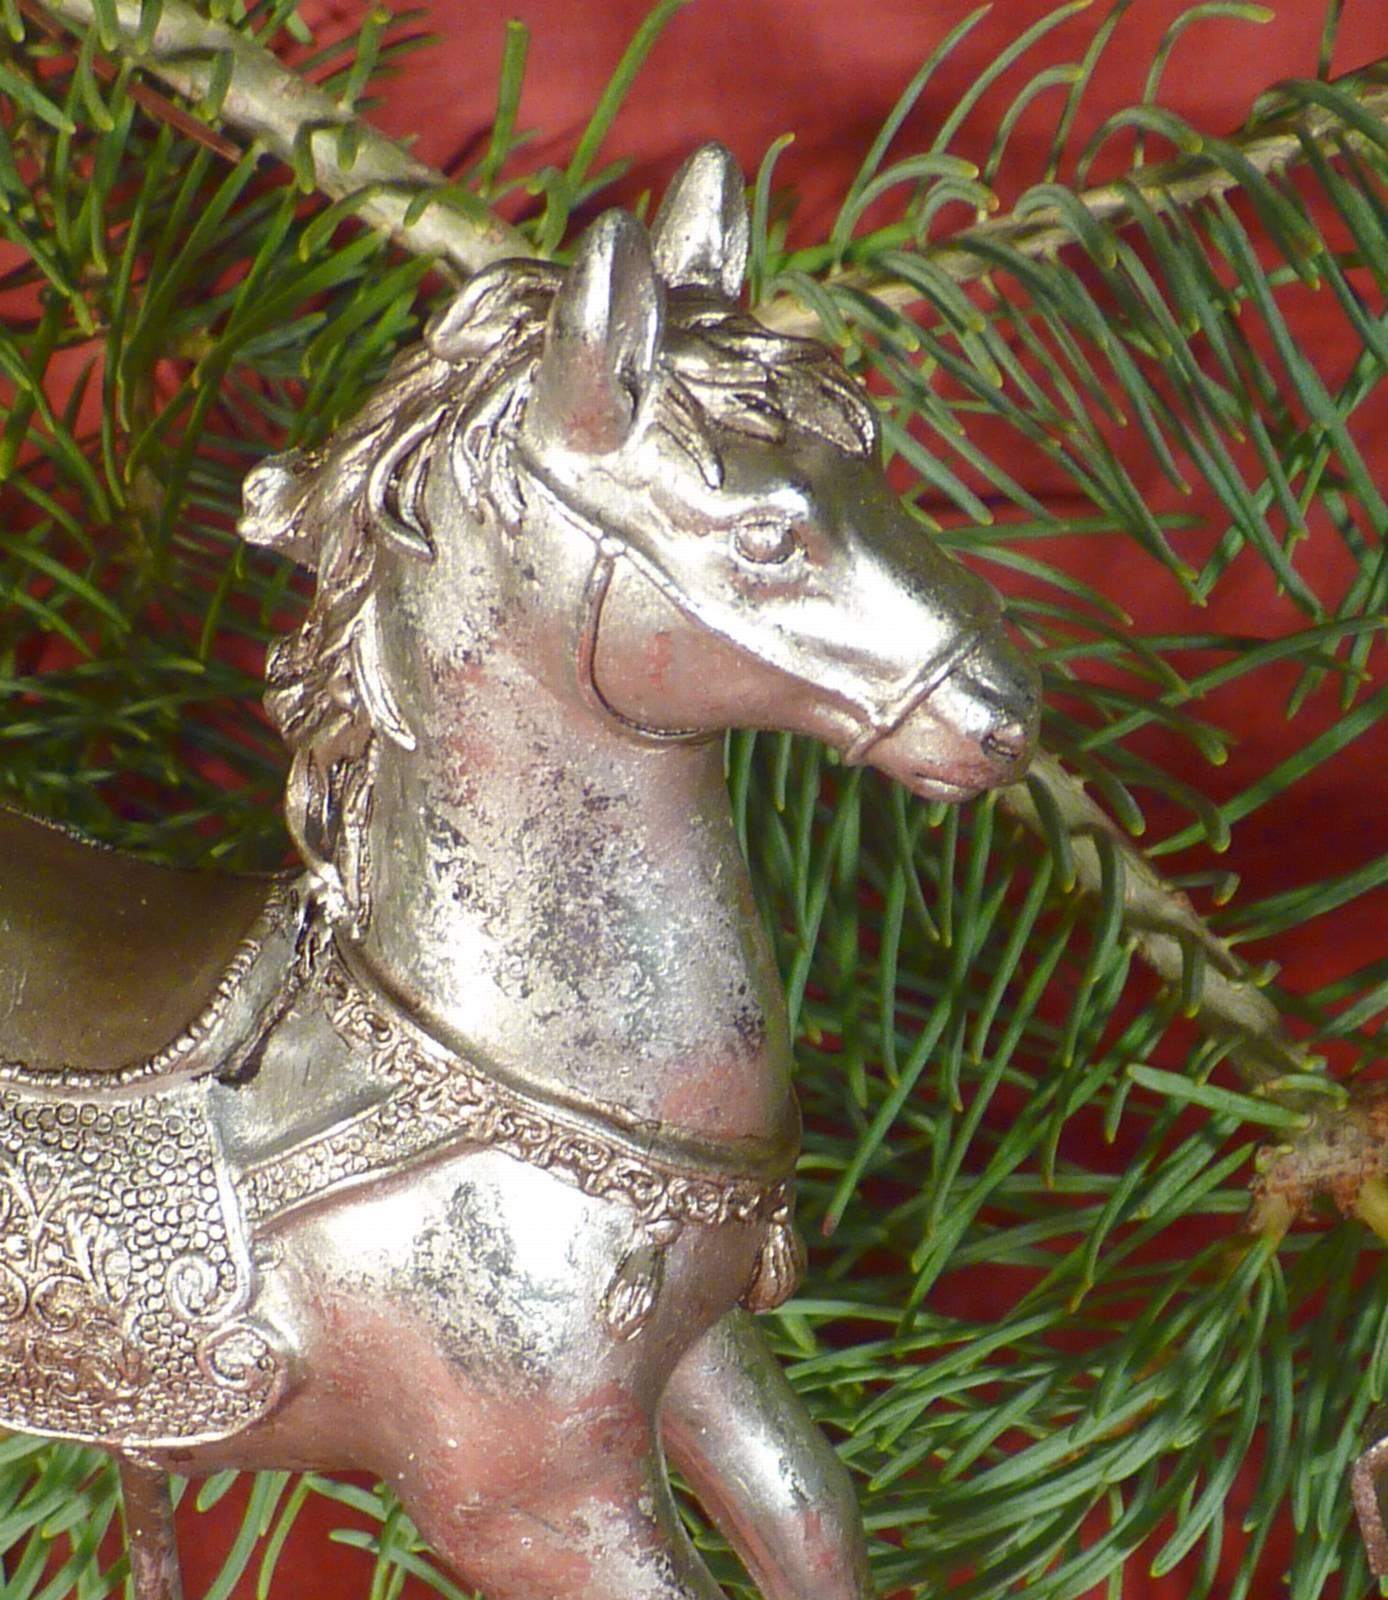 Schaukelpferd Christmas Pferd Weihnachten Deko Shabby: NOSTALGIE Schaukelpferd Pferd Deko Figur Silber Vintage